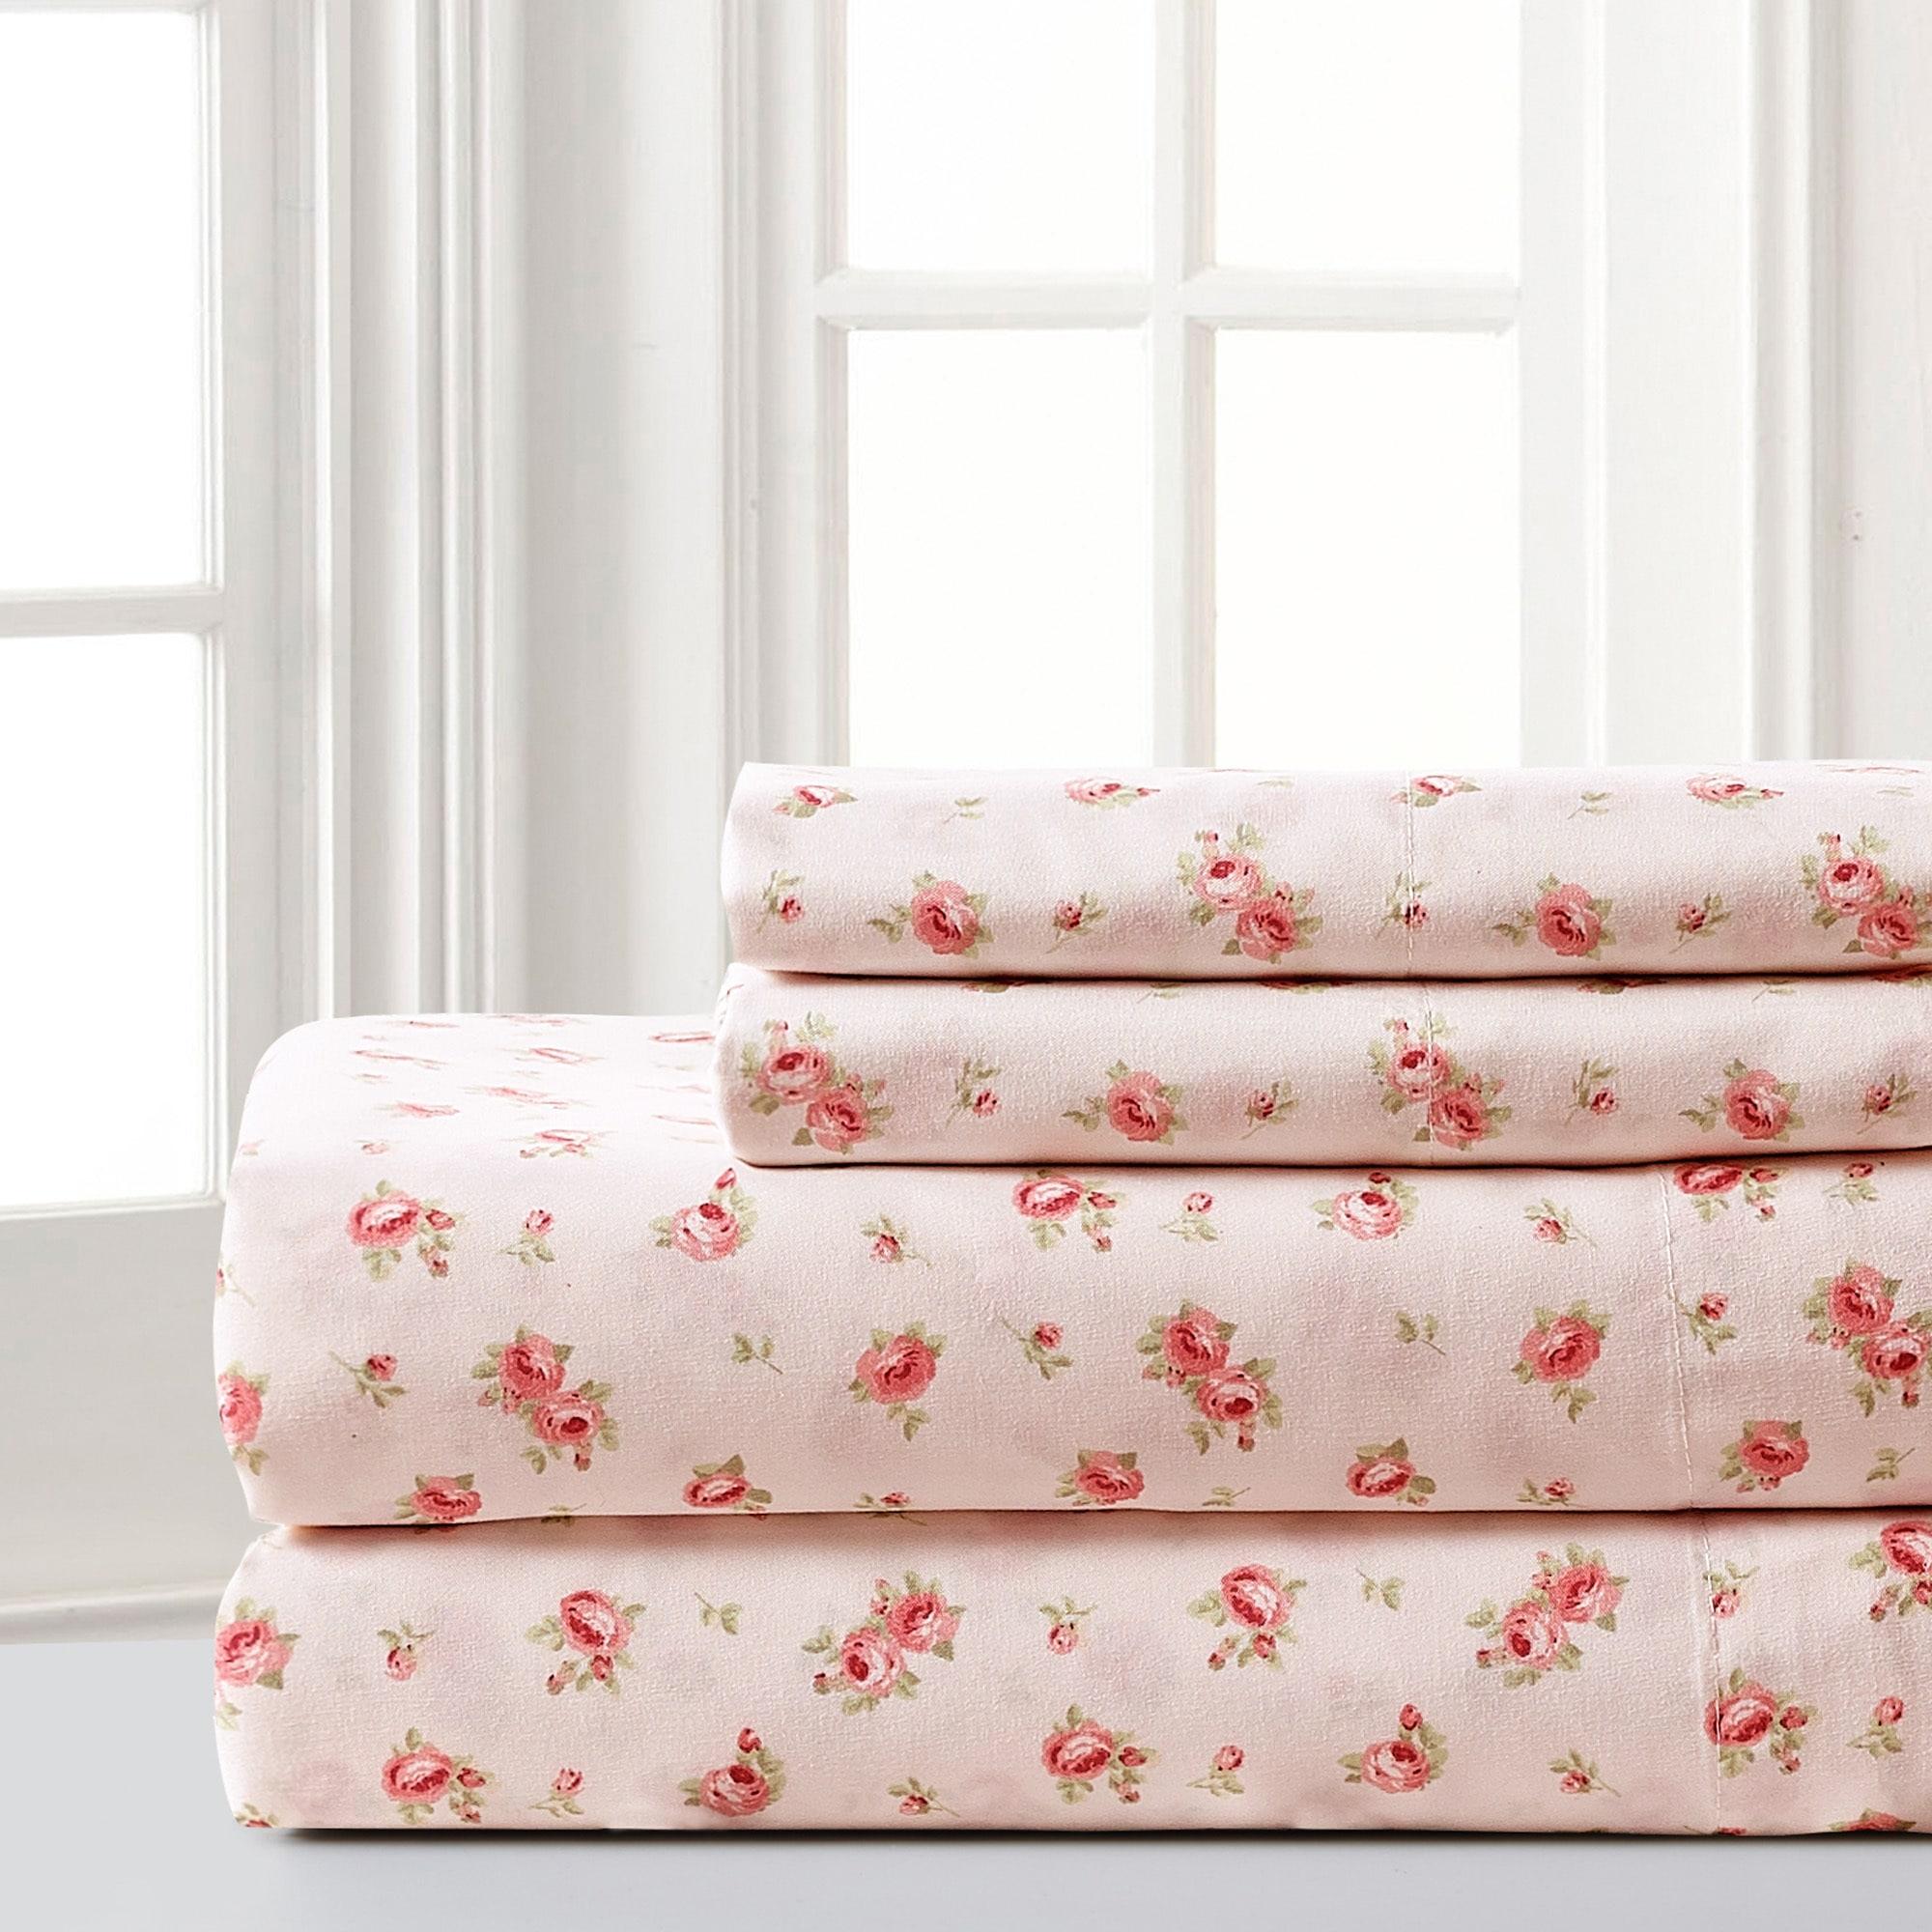 Hurd Rose Queen Size Sheet Set